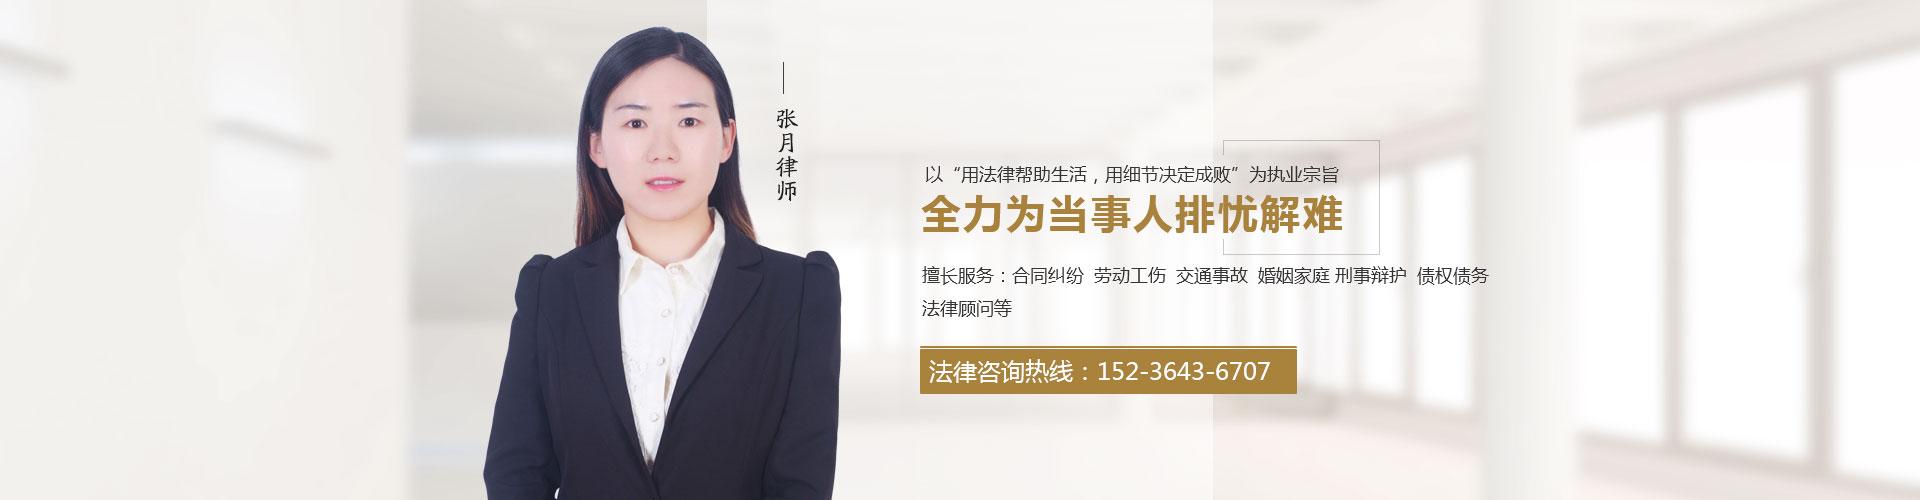 河南张月律师